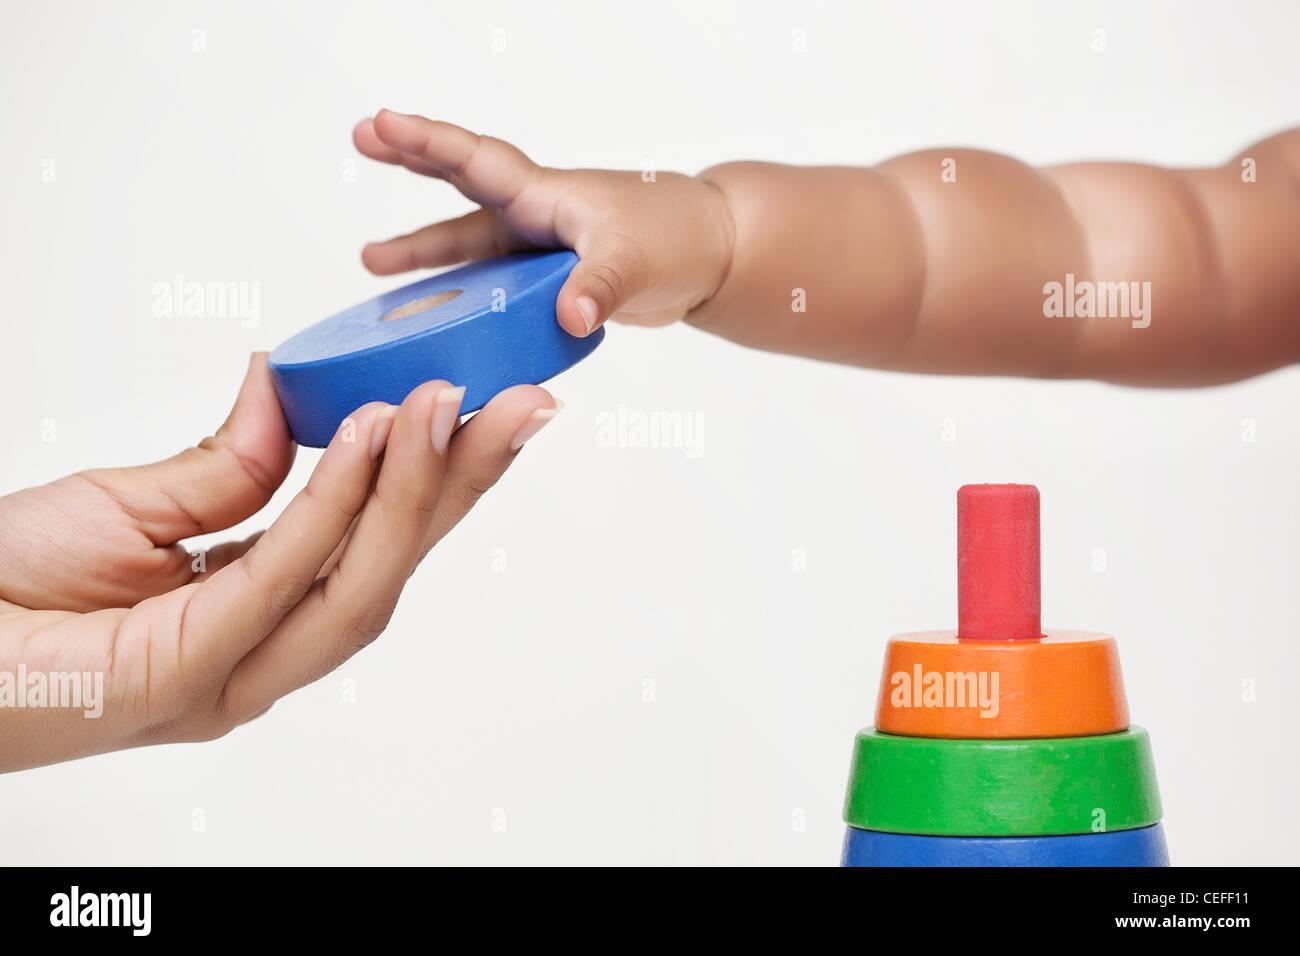 Mano adulta da un bloque de creación y el bebé aprende a cogerlo Imagen De Stock